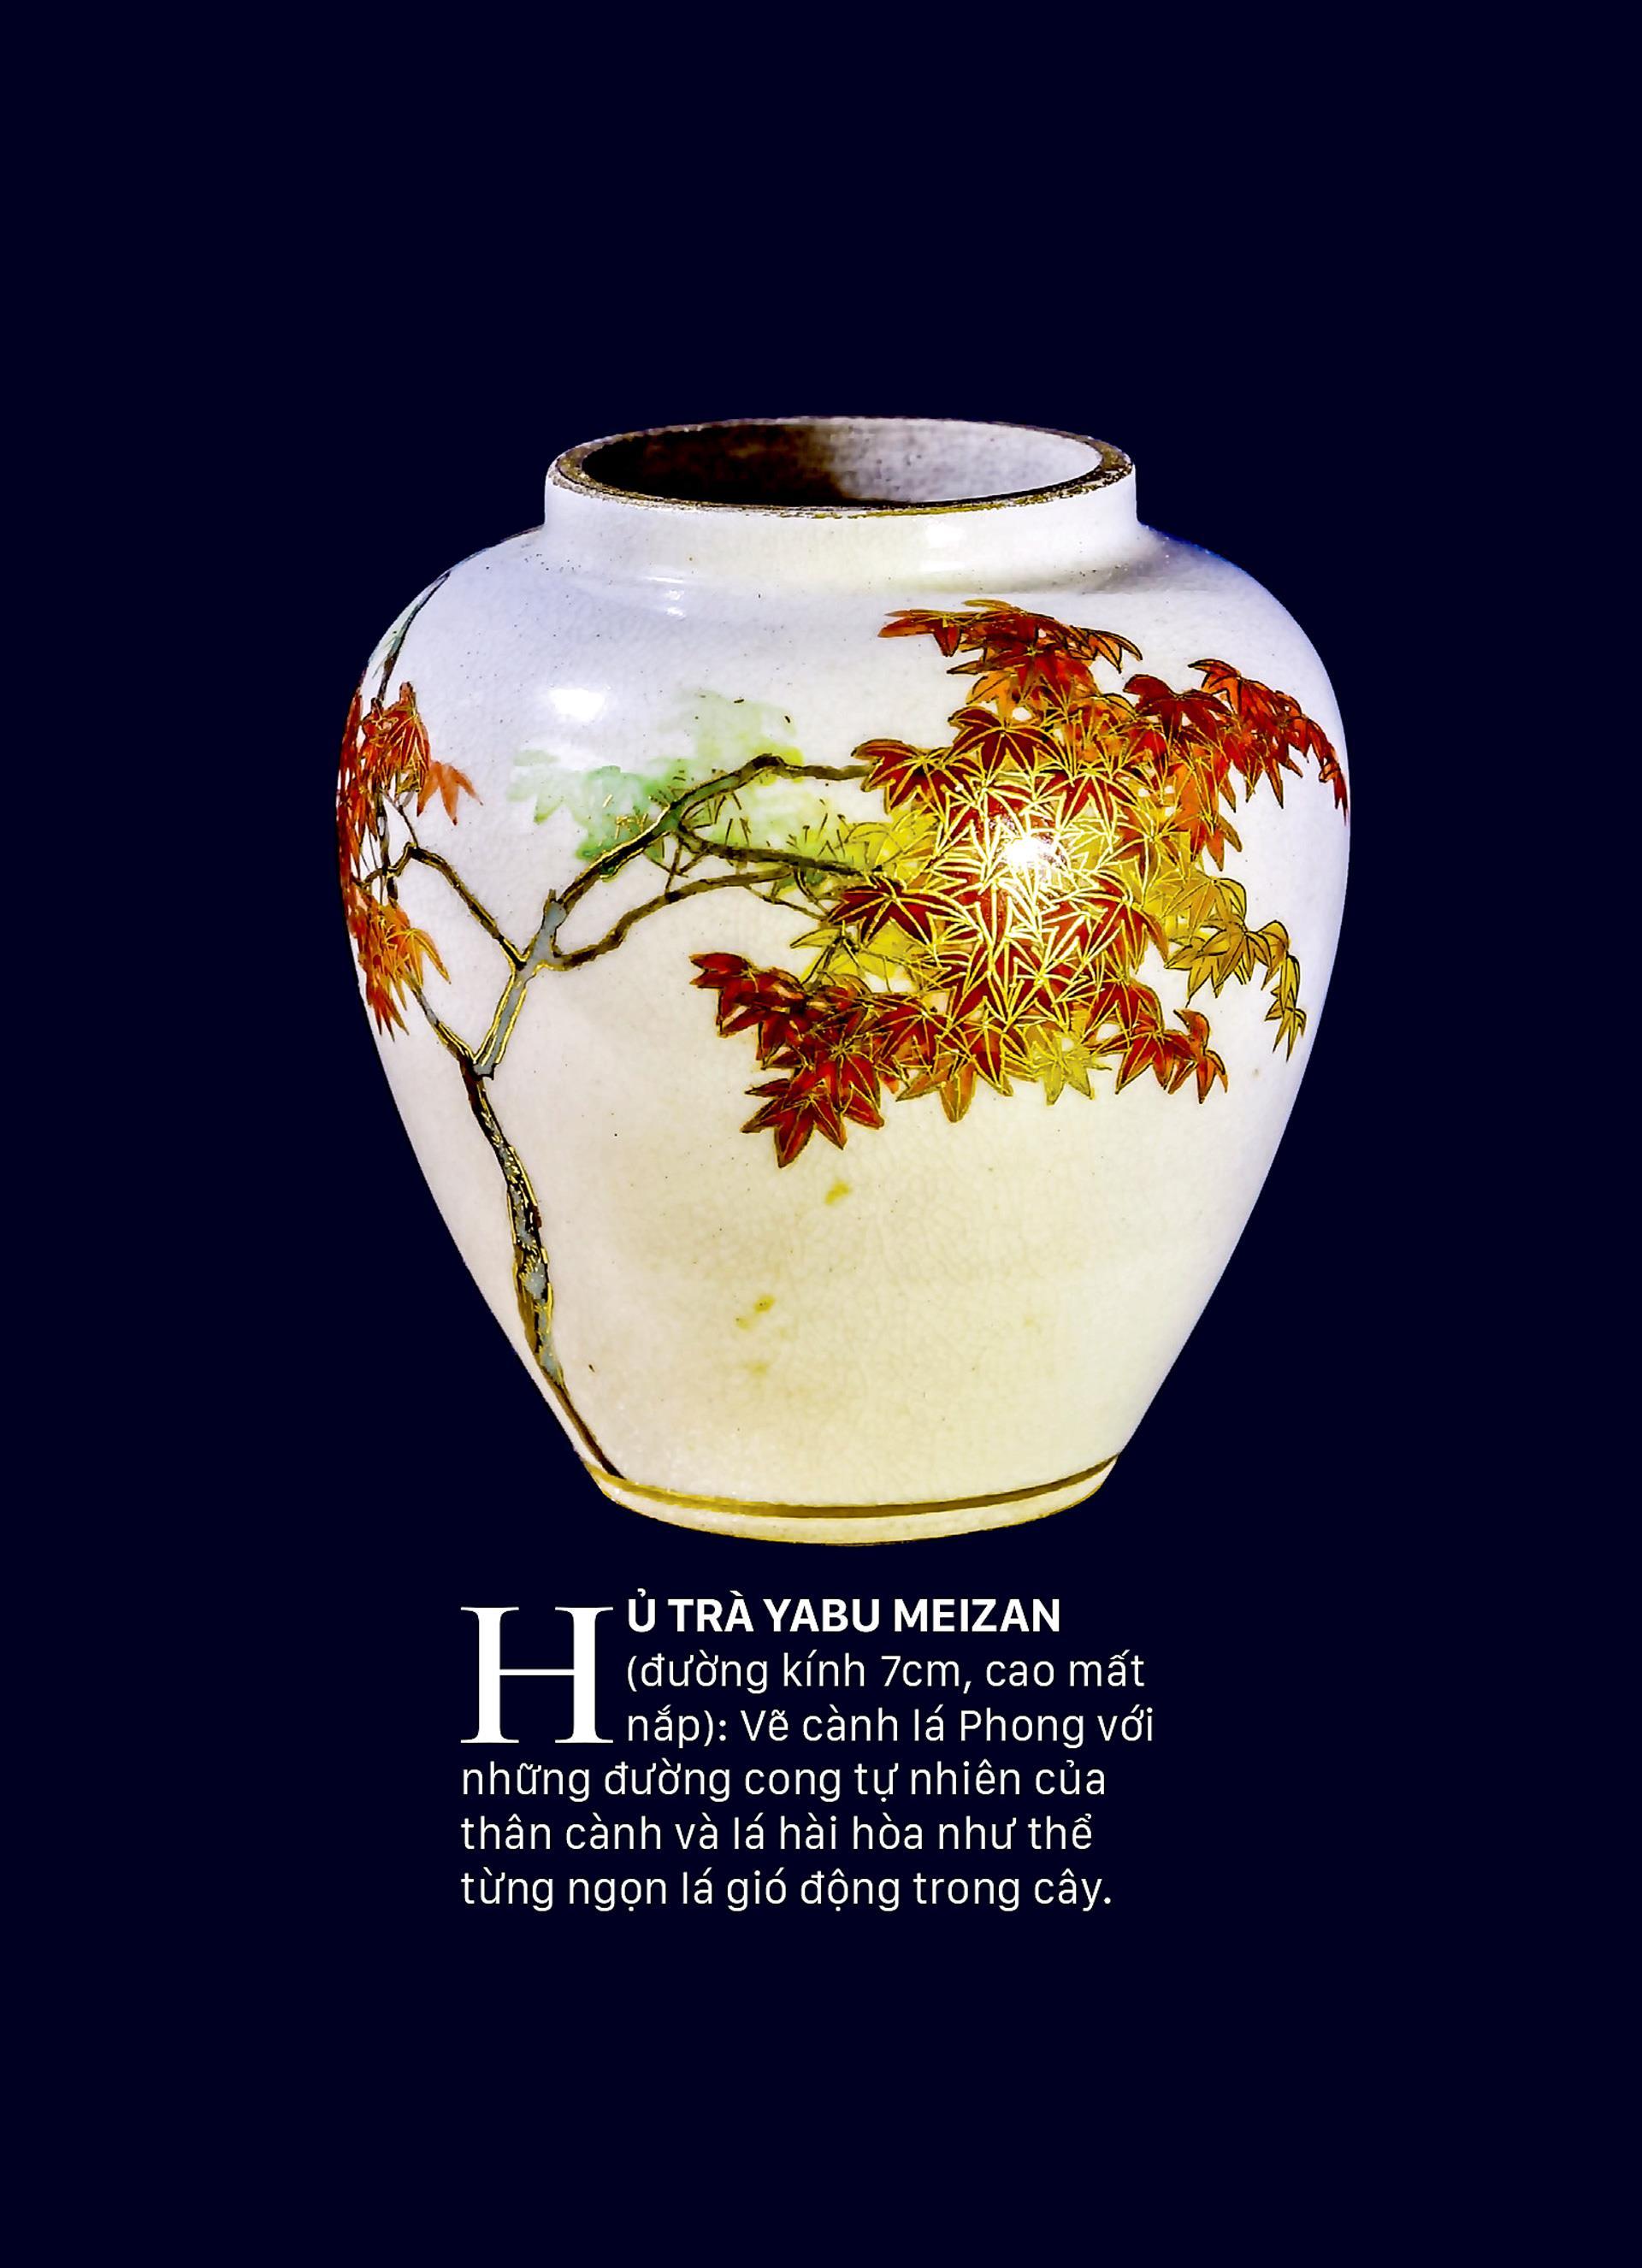 Linh hồn gốm Satsuma từ Chin Jukan đến Yabu Meizan ảnh 6